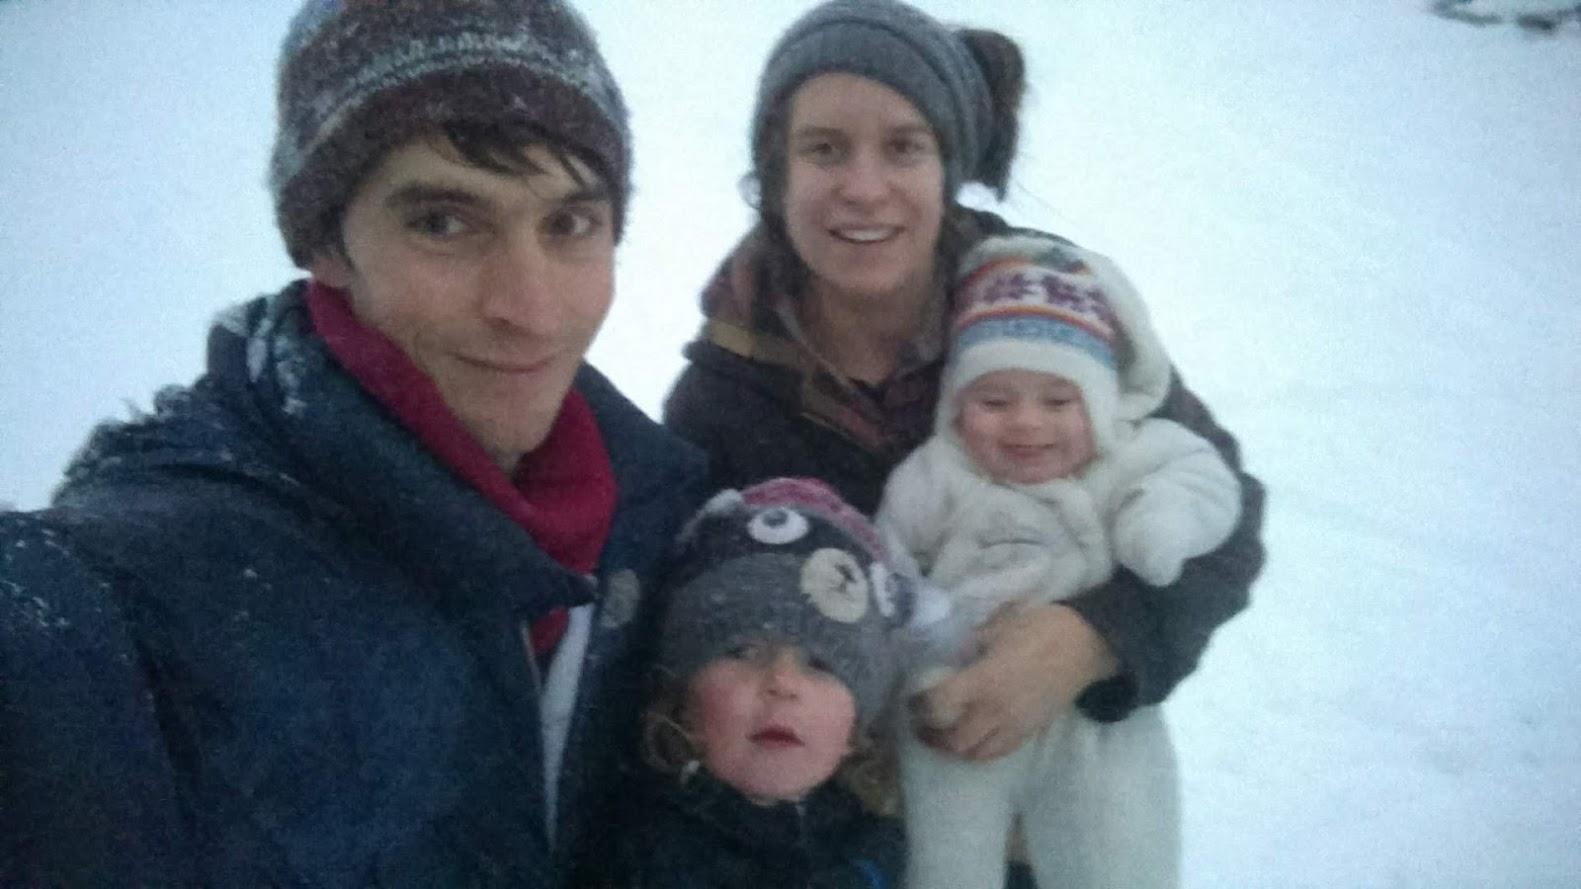 grainy family birthday selfie in the snow